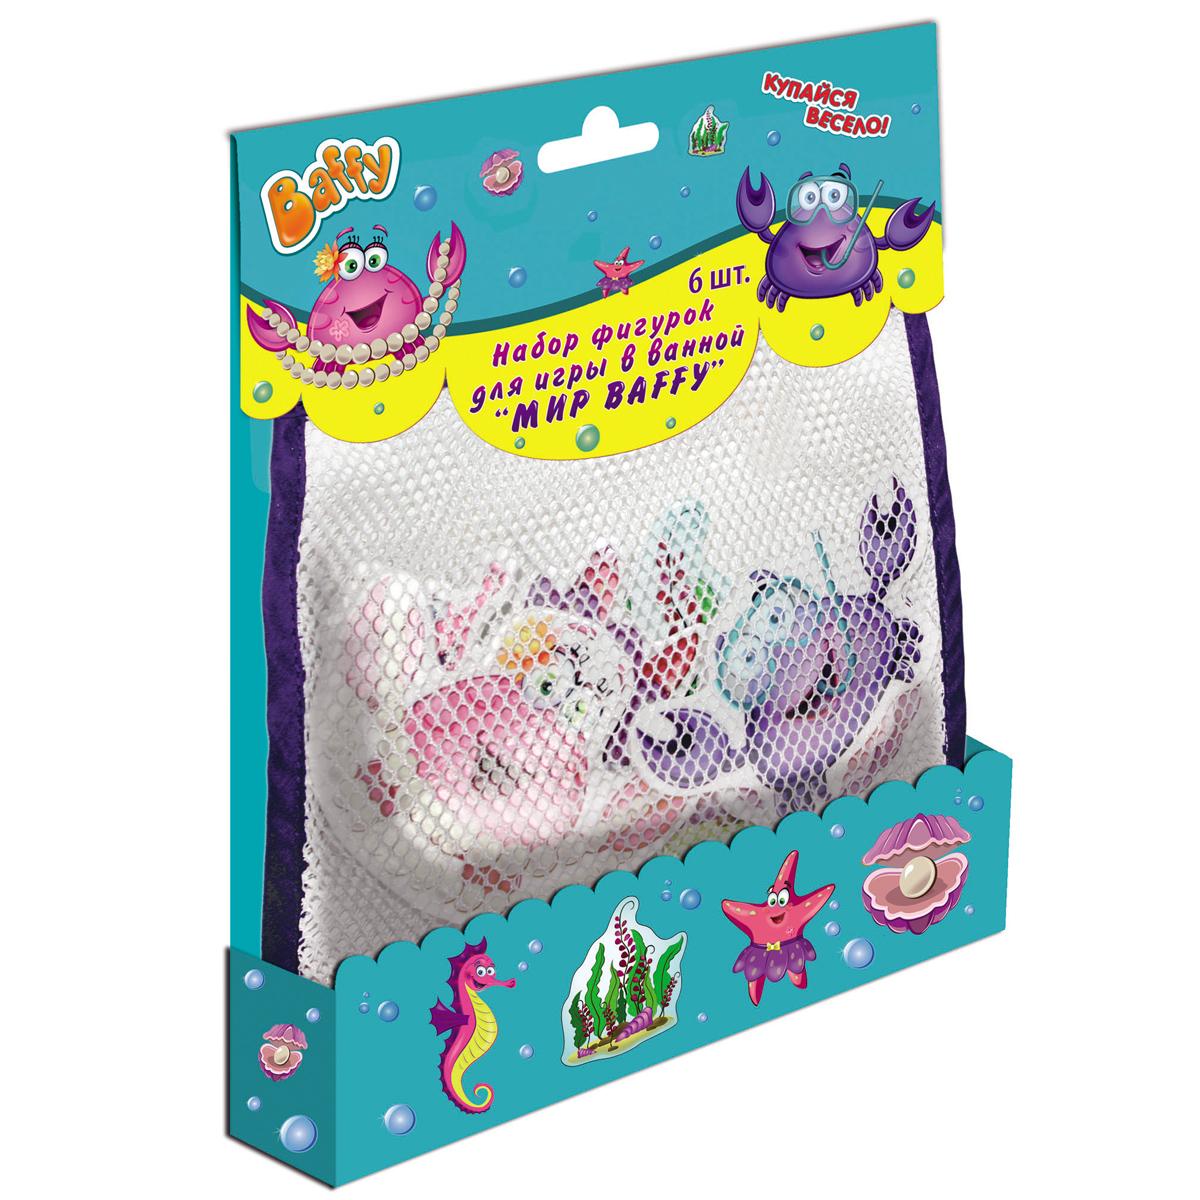 Baffy Набор фигурок для игры в ванной Мир BaffyD0111Набор фигурок для игры в ванной Мир Baffy включает в себя 6 ярких фигурок , выполненных в виде забавных морских обитателей. Яркие фигурки-стикеры из легкого, экологически безопасного полиуретана отлично приклеиваются к влажному кафелю и также легко отклеиваются. Ваш ребенок может создавать сценки, играть и изменять все по своему усмотрению. Удобная сумочка на присосках станет отличным дополнением к набору, в нее можно сложить все фигурки, а затем легко прикрепить к плитке в ванной. Ребенок весело проведет время в ванной, общаясь с любимыми героями и их друзьями! Товар сертифицирован.